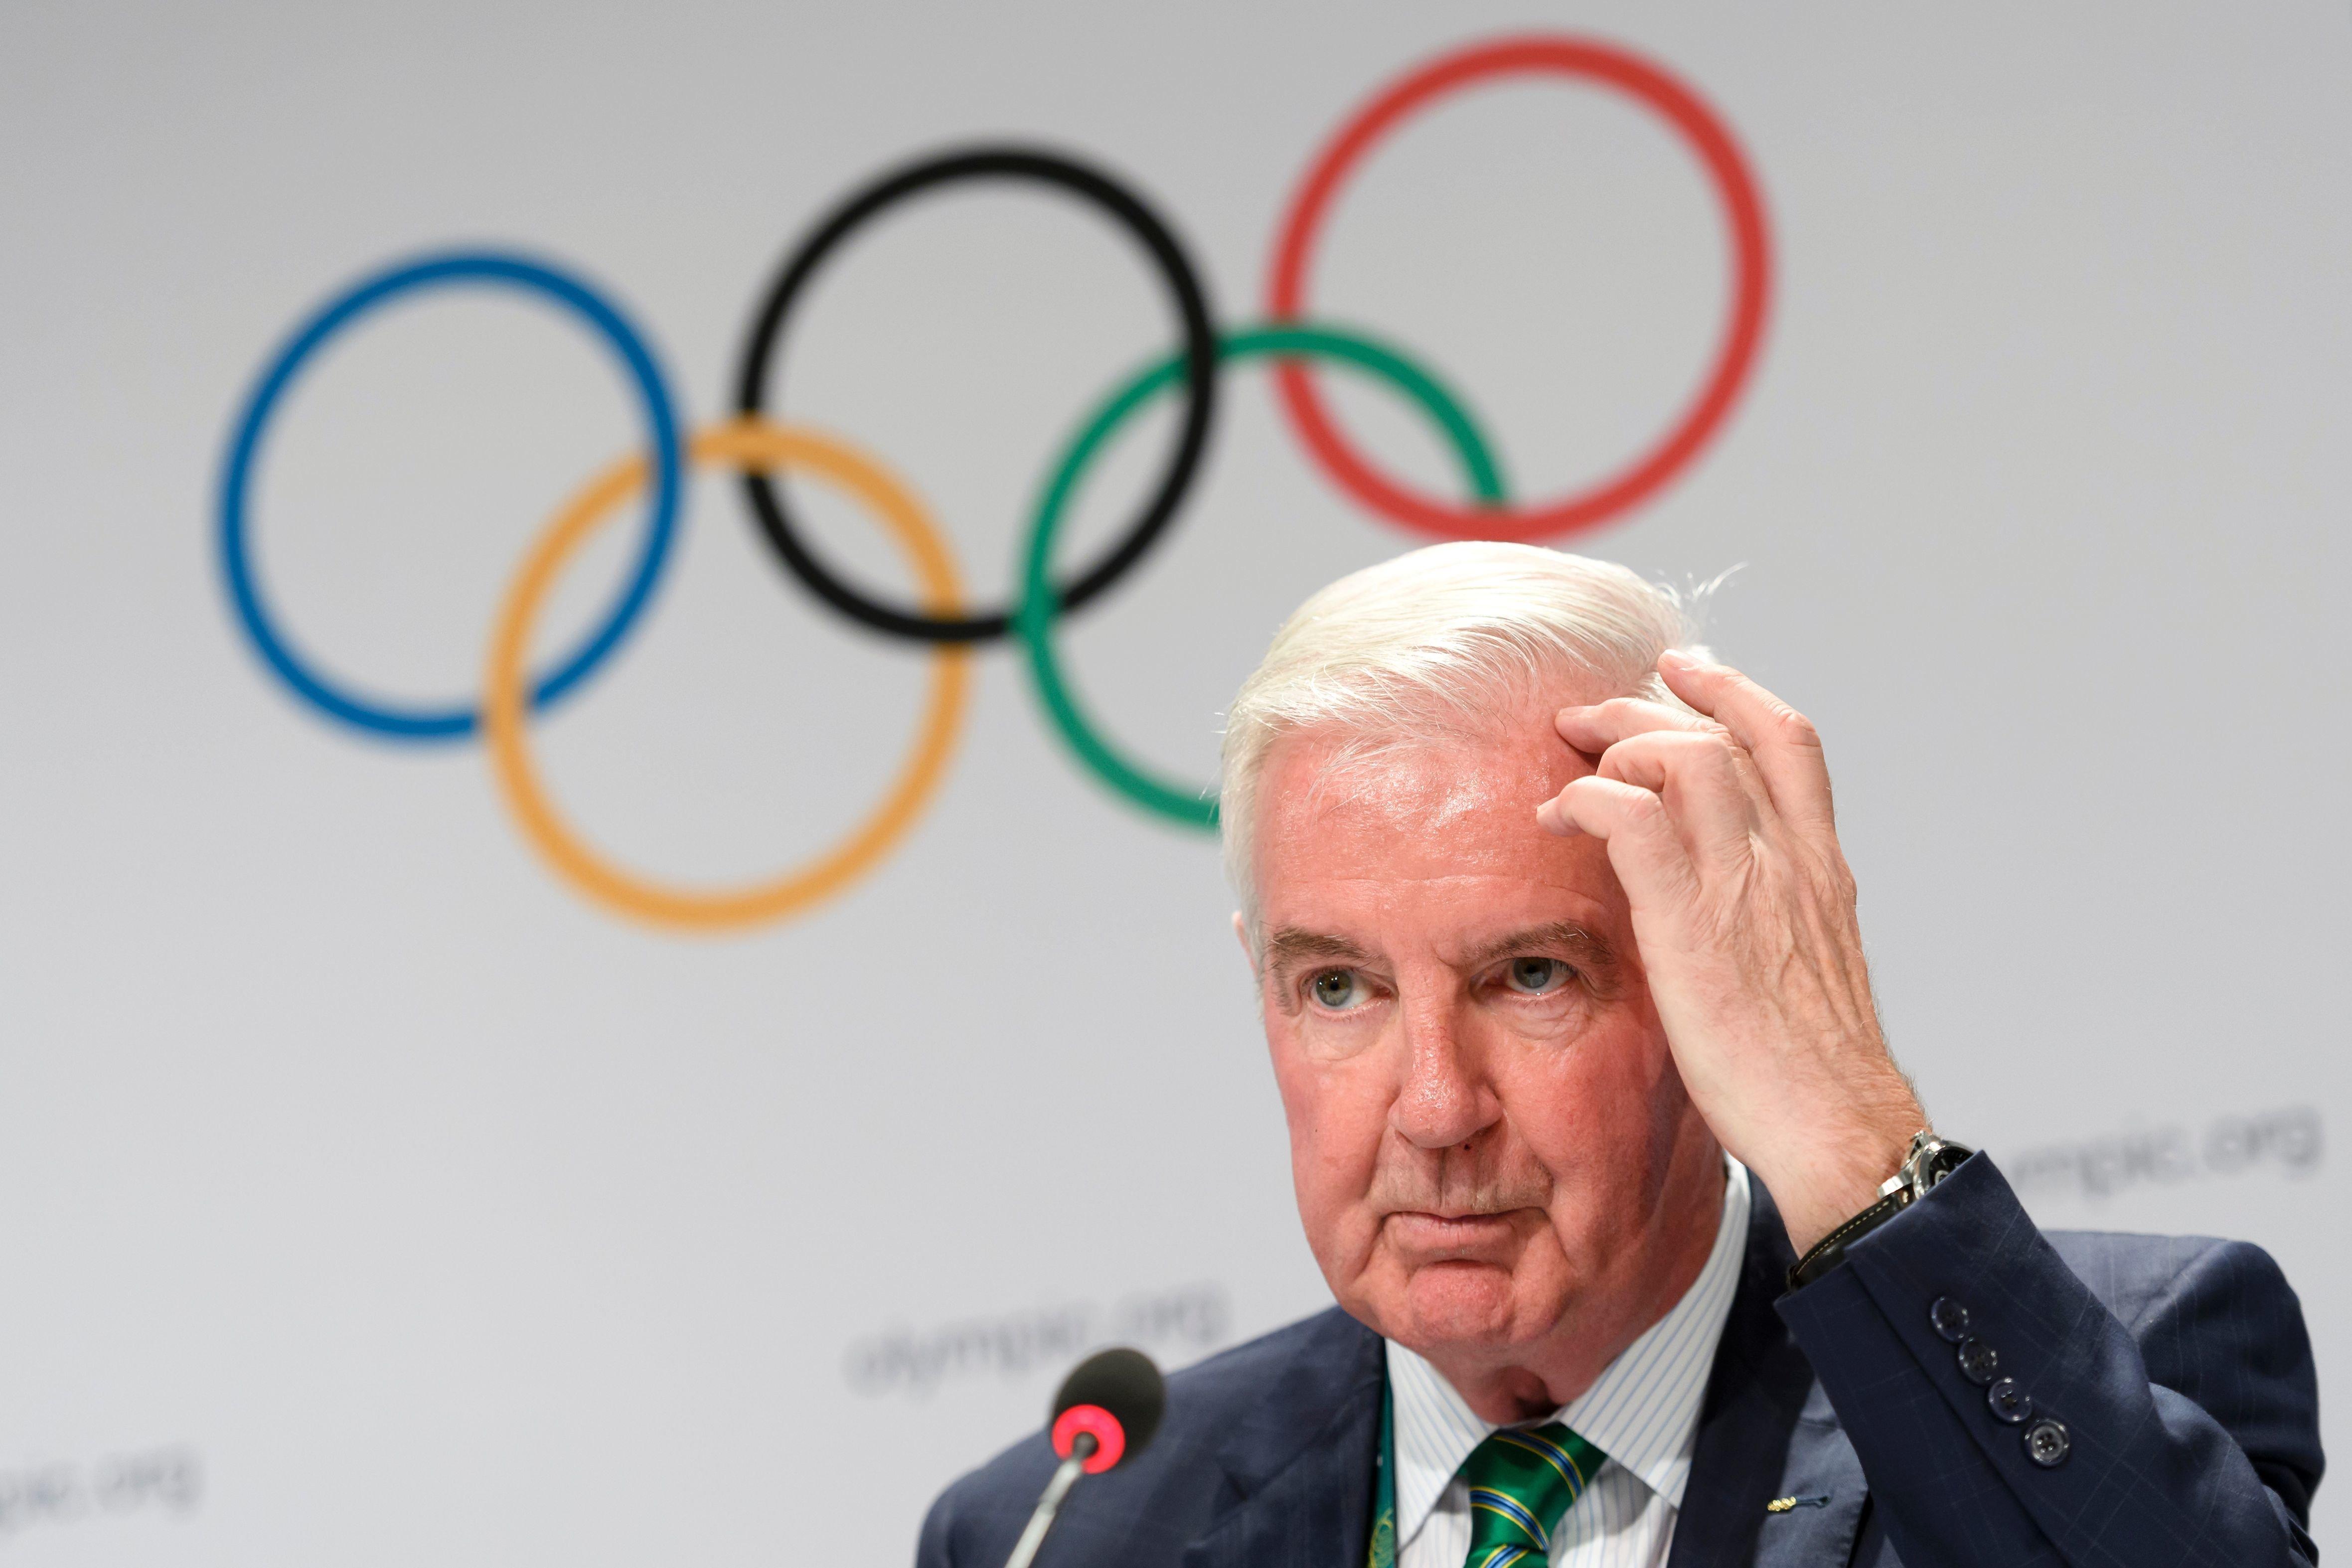 Сборная России от участия в Олимпиаде-2018 отстранена